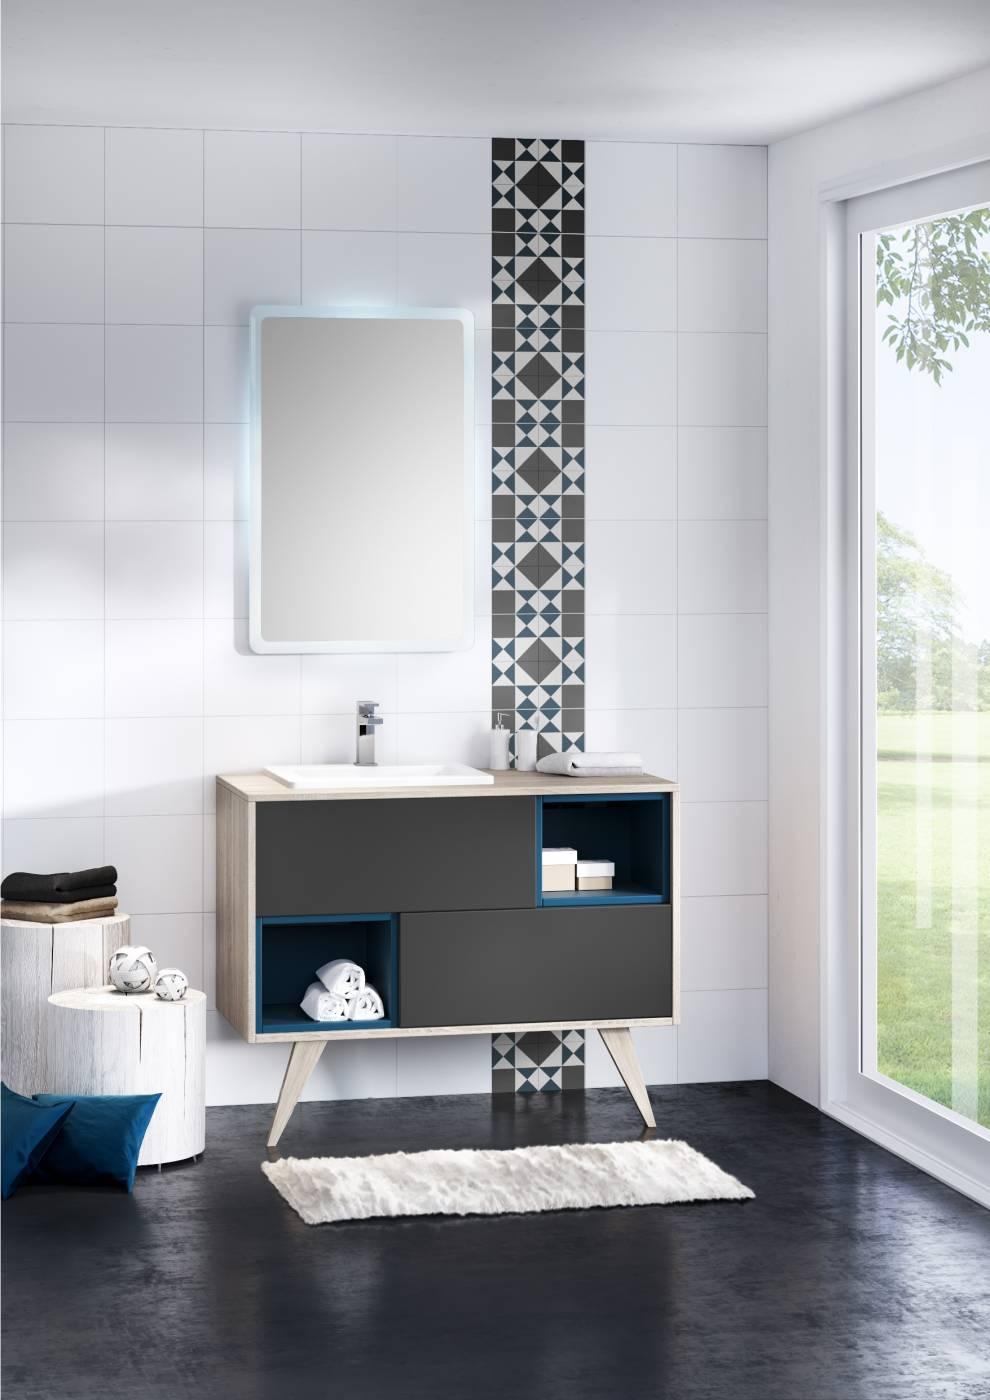 Meuble Suspendu Pour Salle De Bains Mosaïque Carrelage Intérieur - Meuble salle de bain sur pieds